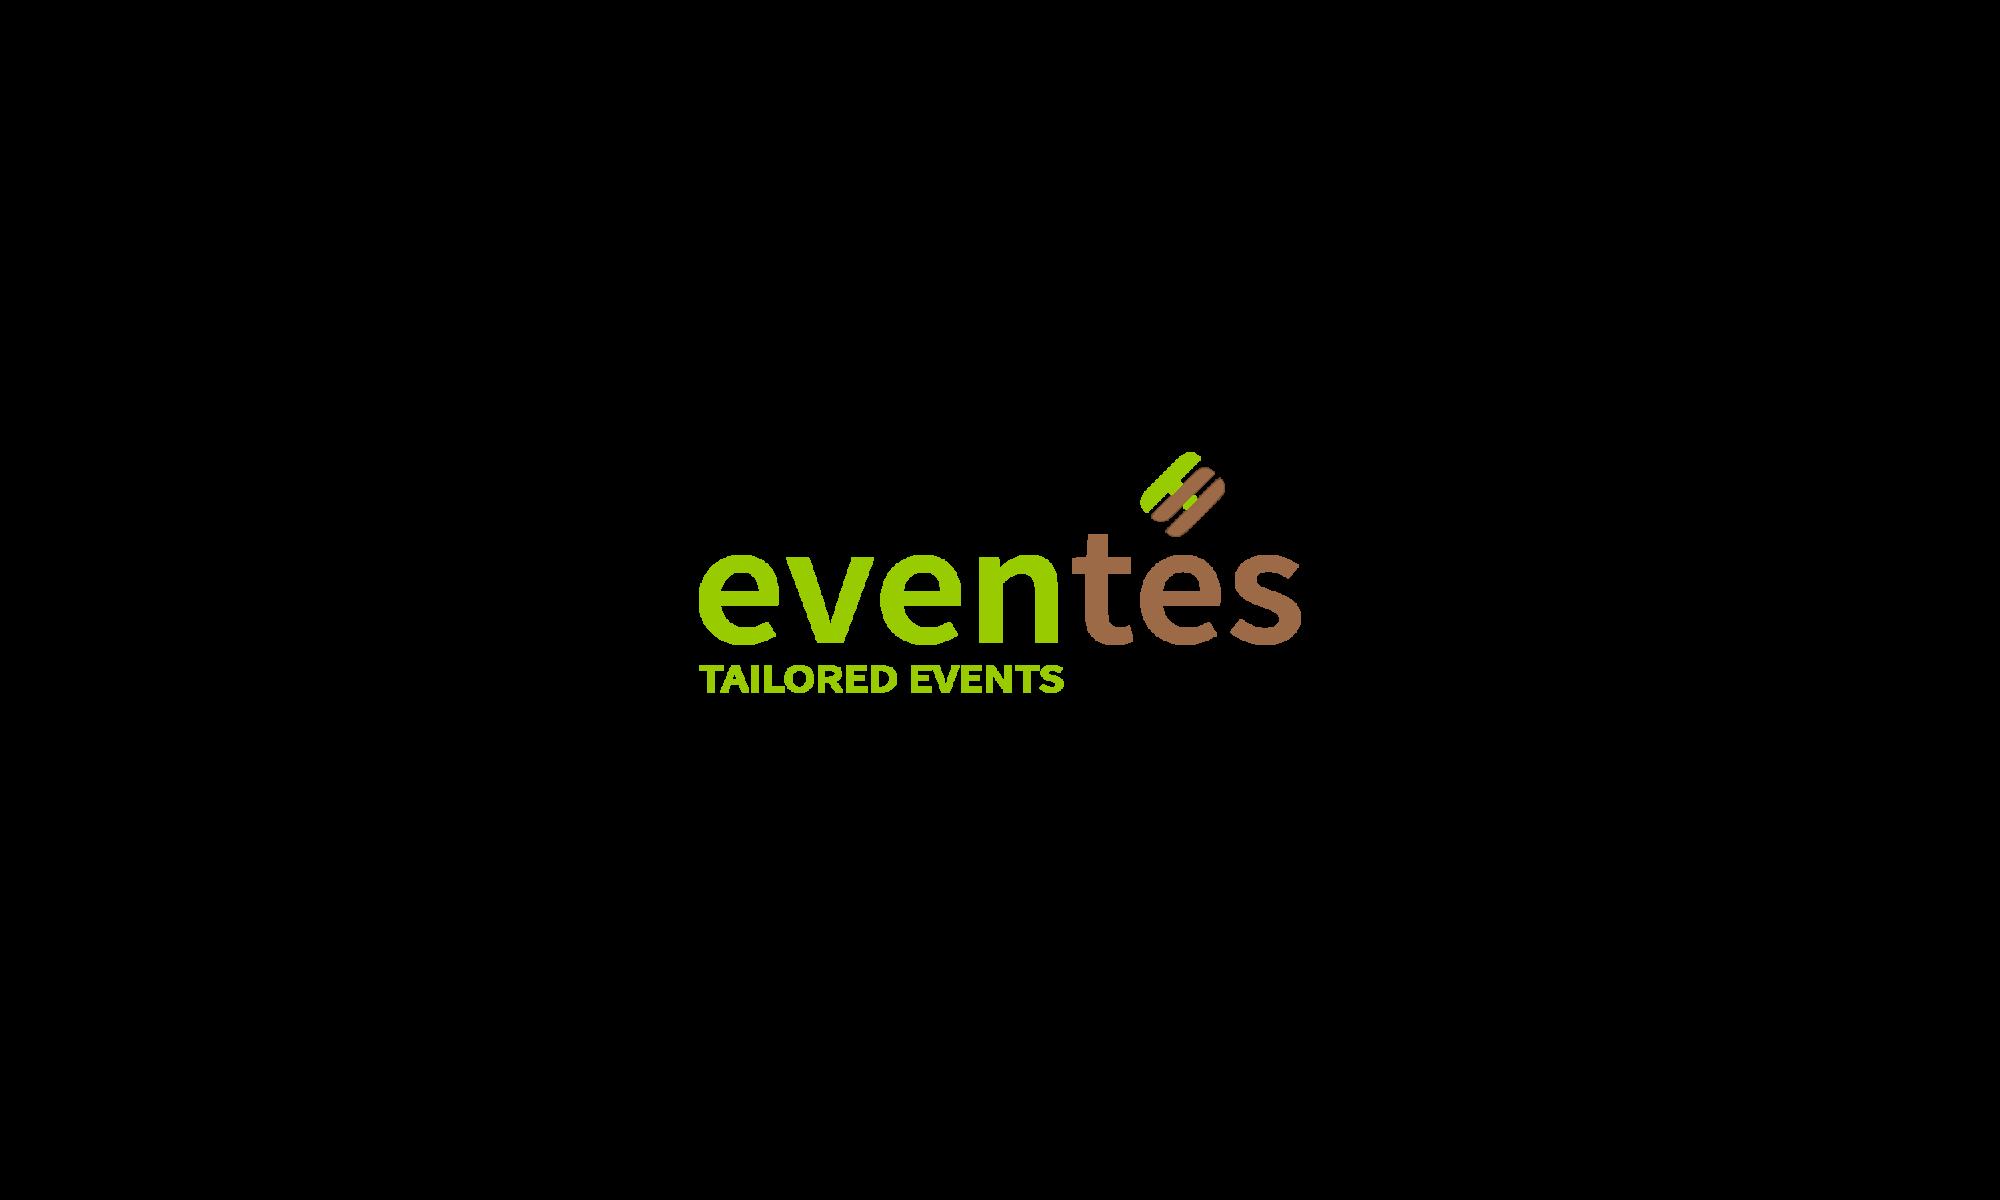 Eventes